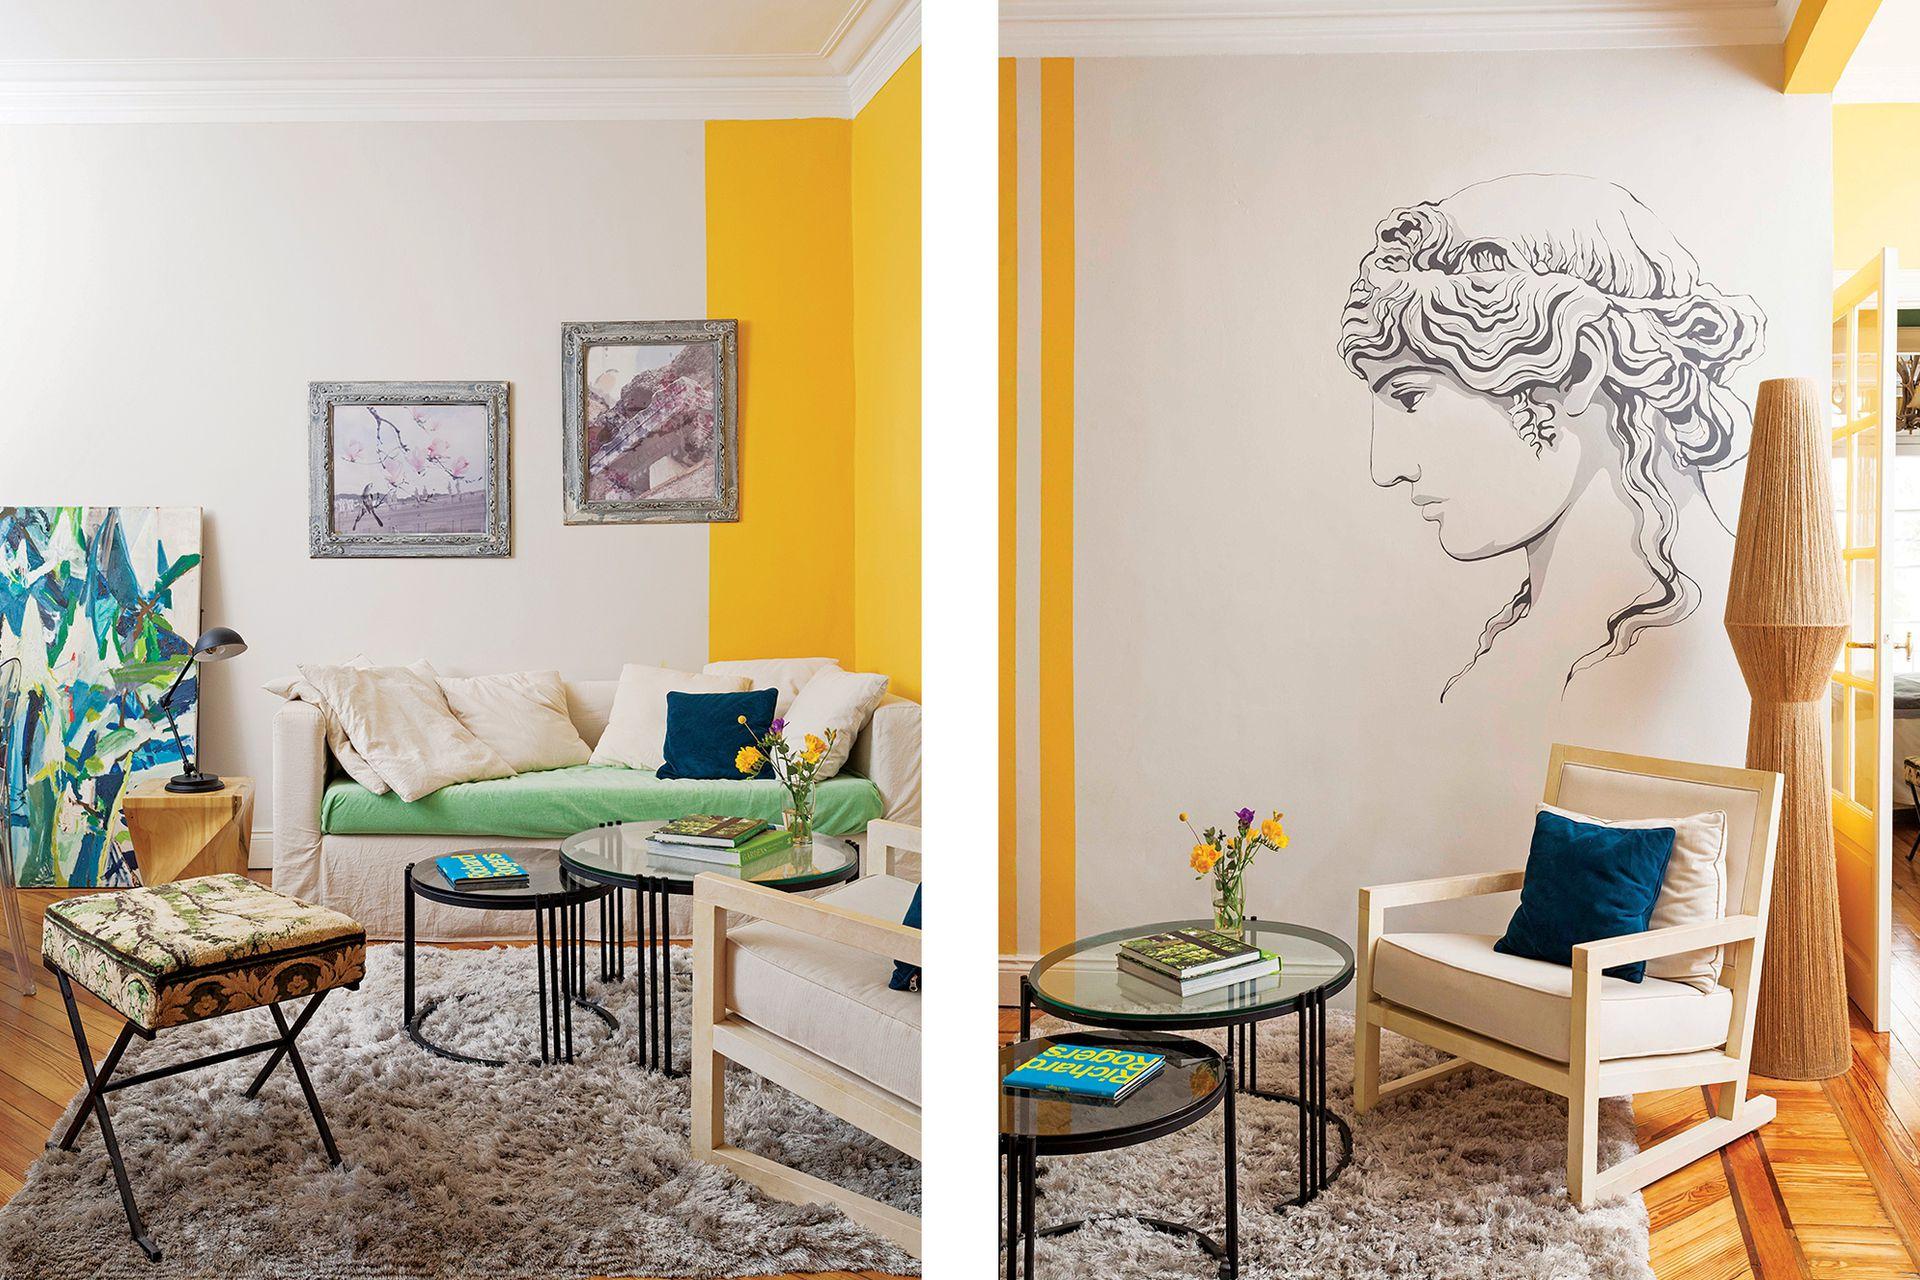 Izq.: Banqueta (Harturo) y mesas bajas, diseño de Monge. El asiento del sofá (Apatheia) se cubrió con un género verde (Casa Almacén), inspirado en el cuadro de Romina Salem, apoyado en el piso. Alfombra (Mihran). Con marcos de su bisabuela, Monge hizo fotomontajes.